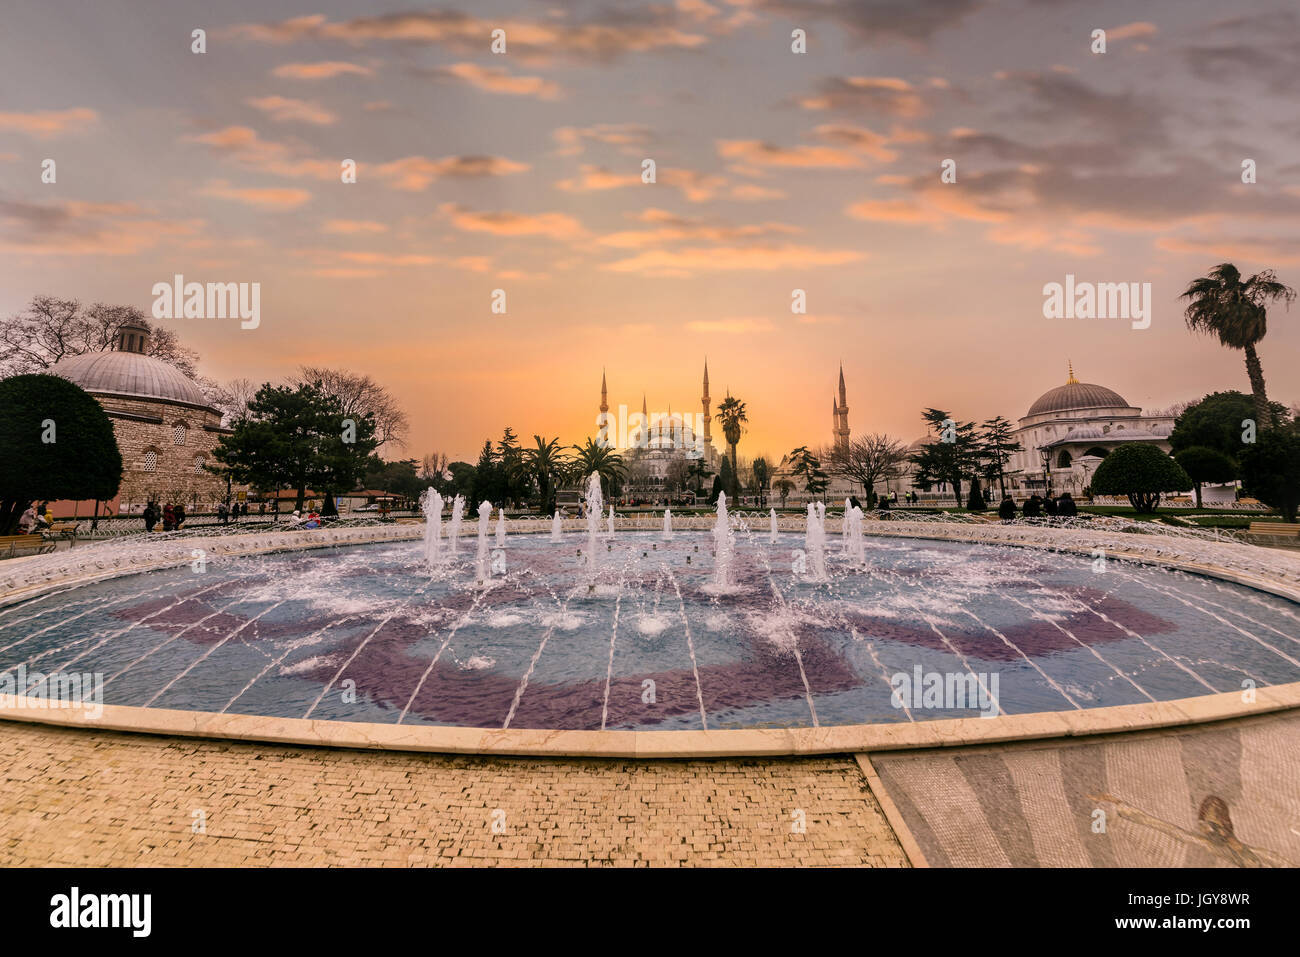 Vista di Hagia Sophia,un greco cristiano ortodosso patriarcale basilica (chiesa),costruito nel 537 D.C. in seguito Immagini Stock